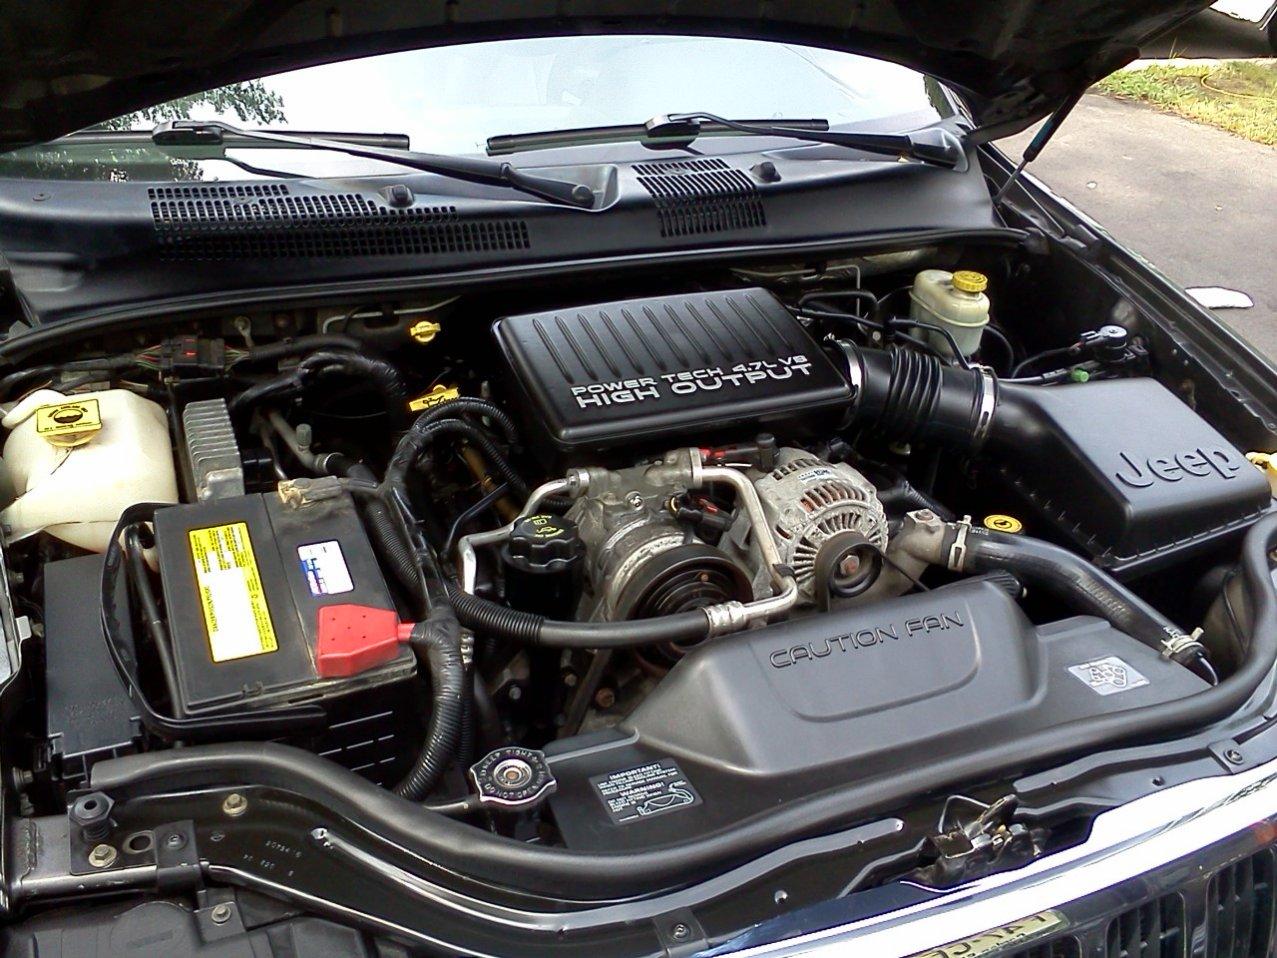 kelly-engine-detail.jpg